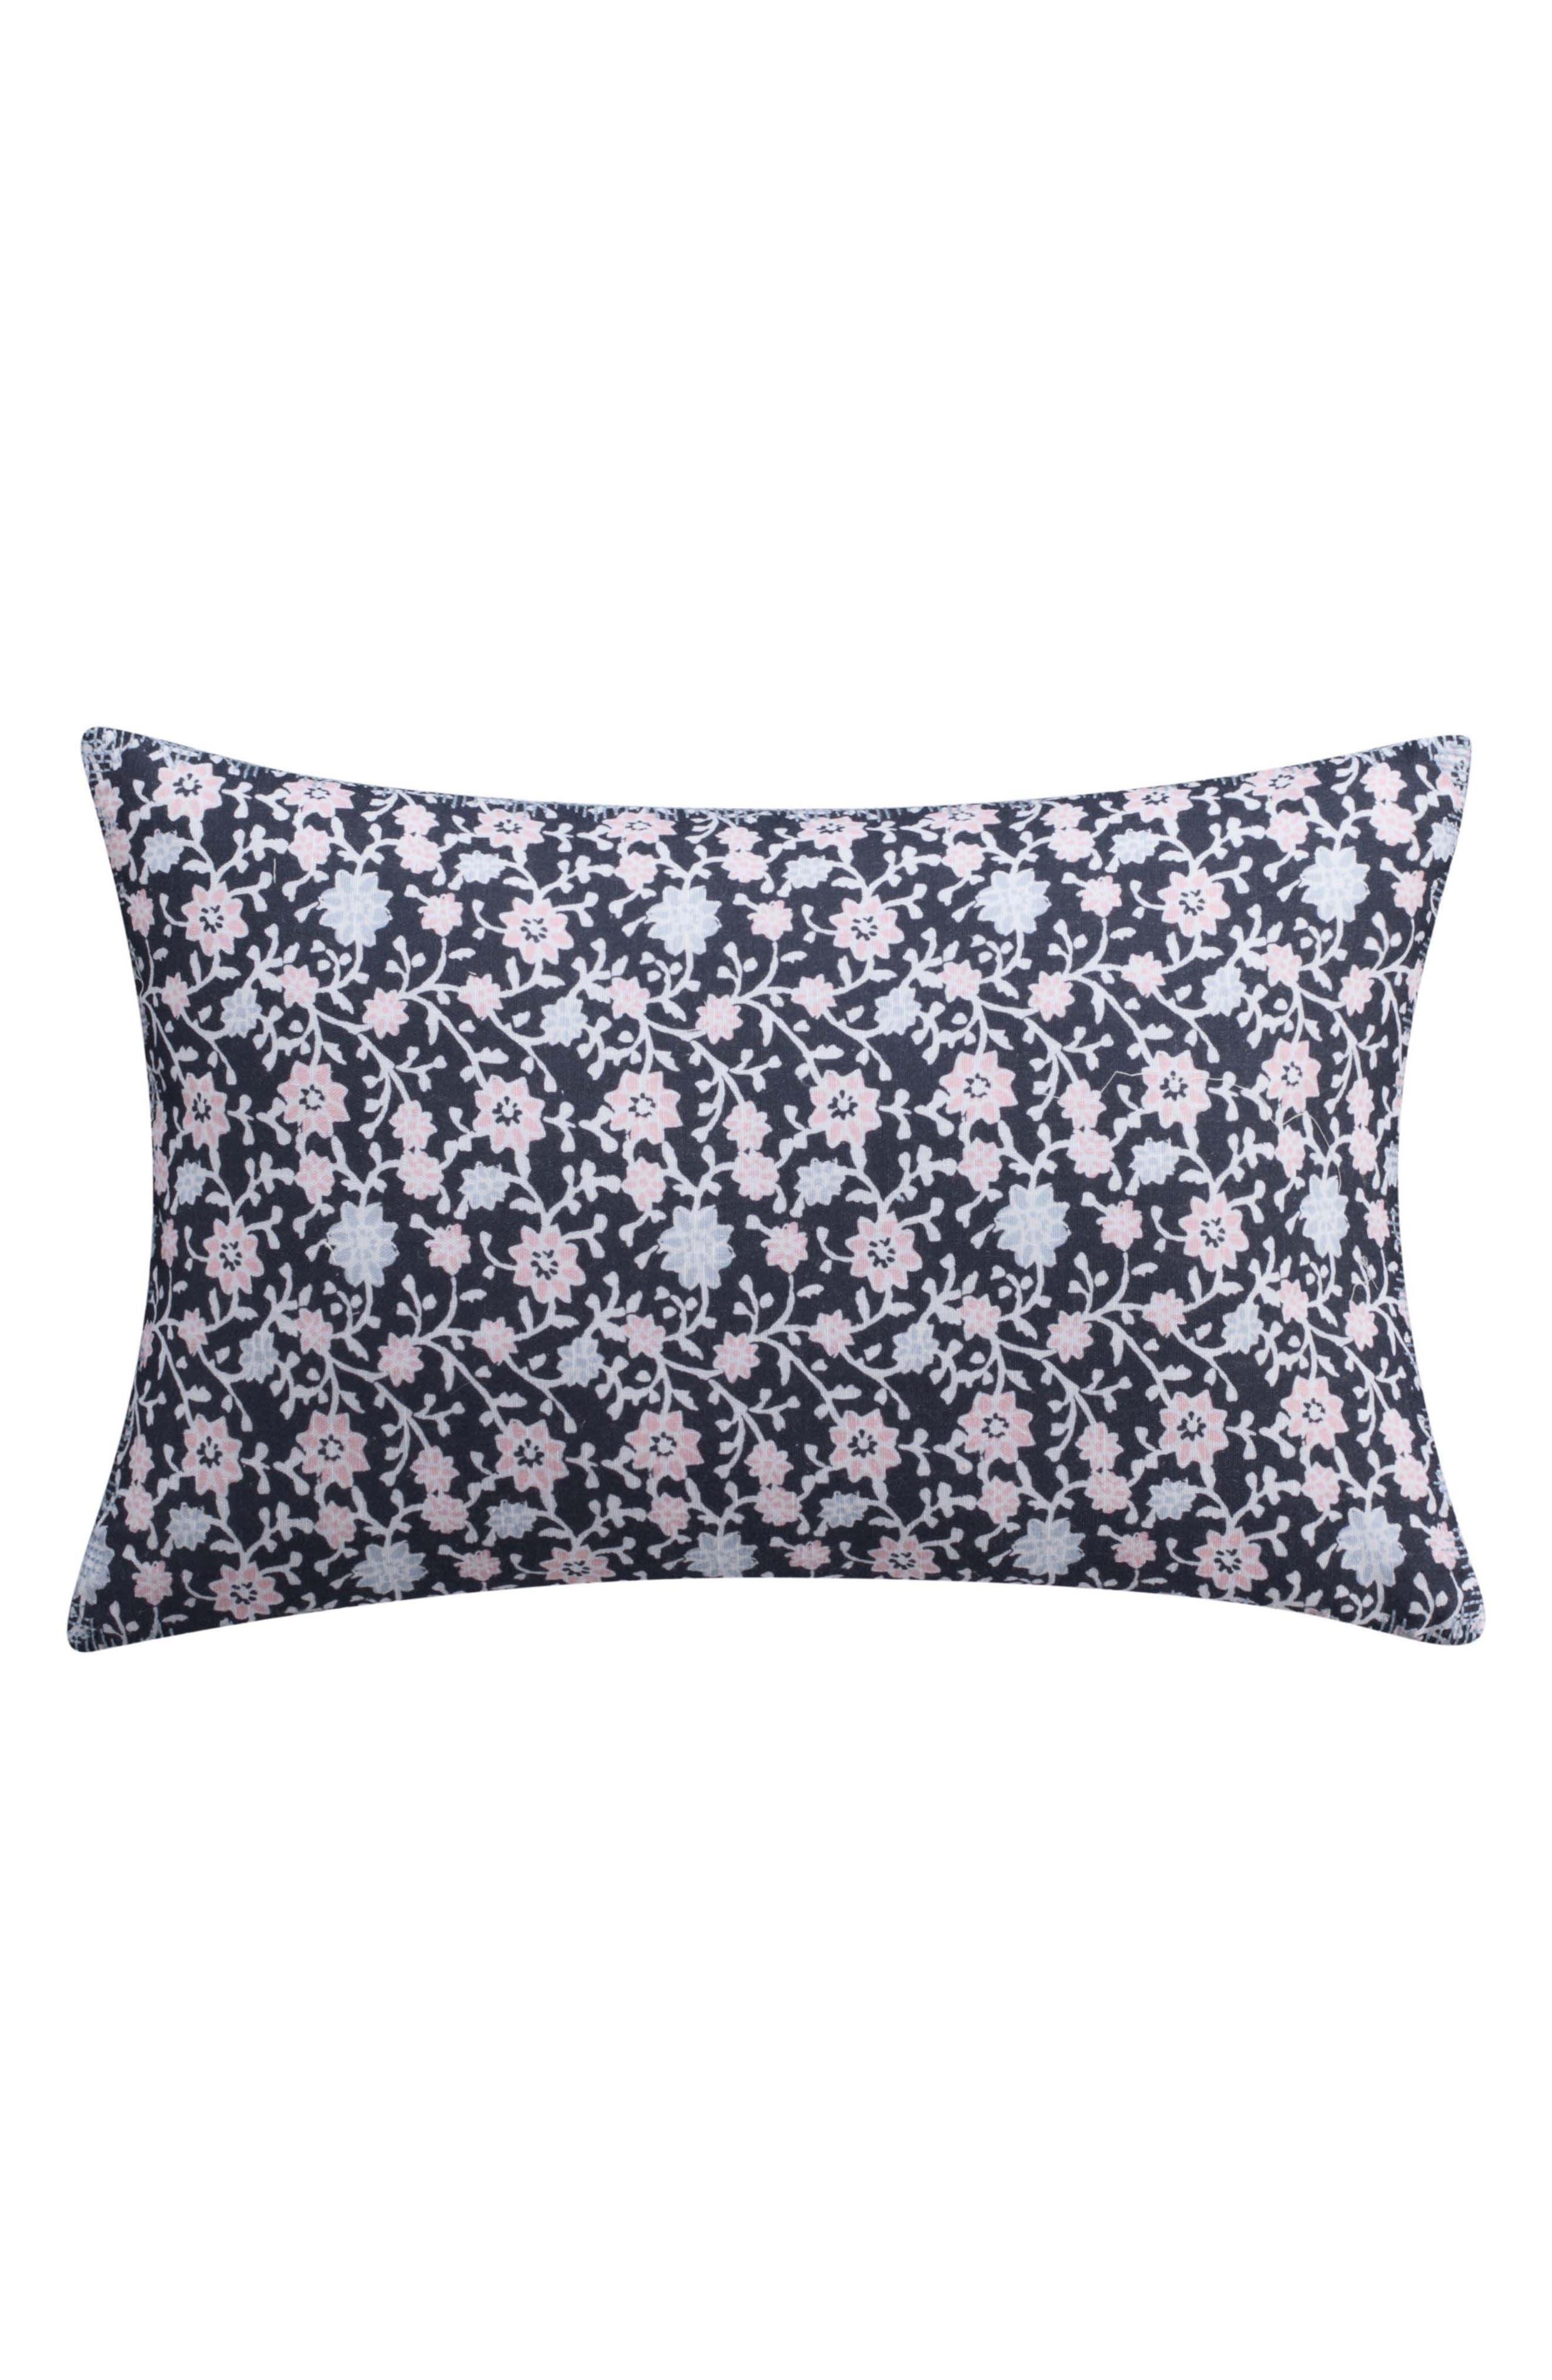 Floral Print Accent Pillow,                         Main,                         color,